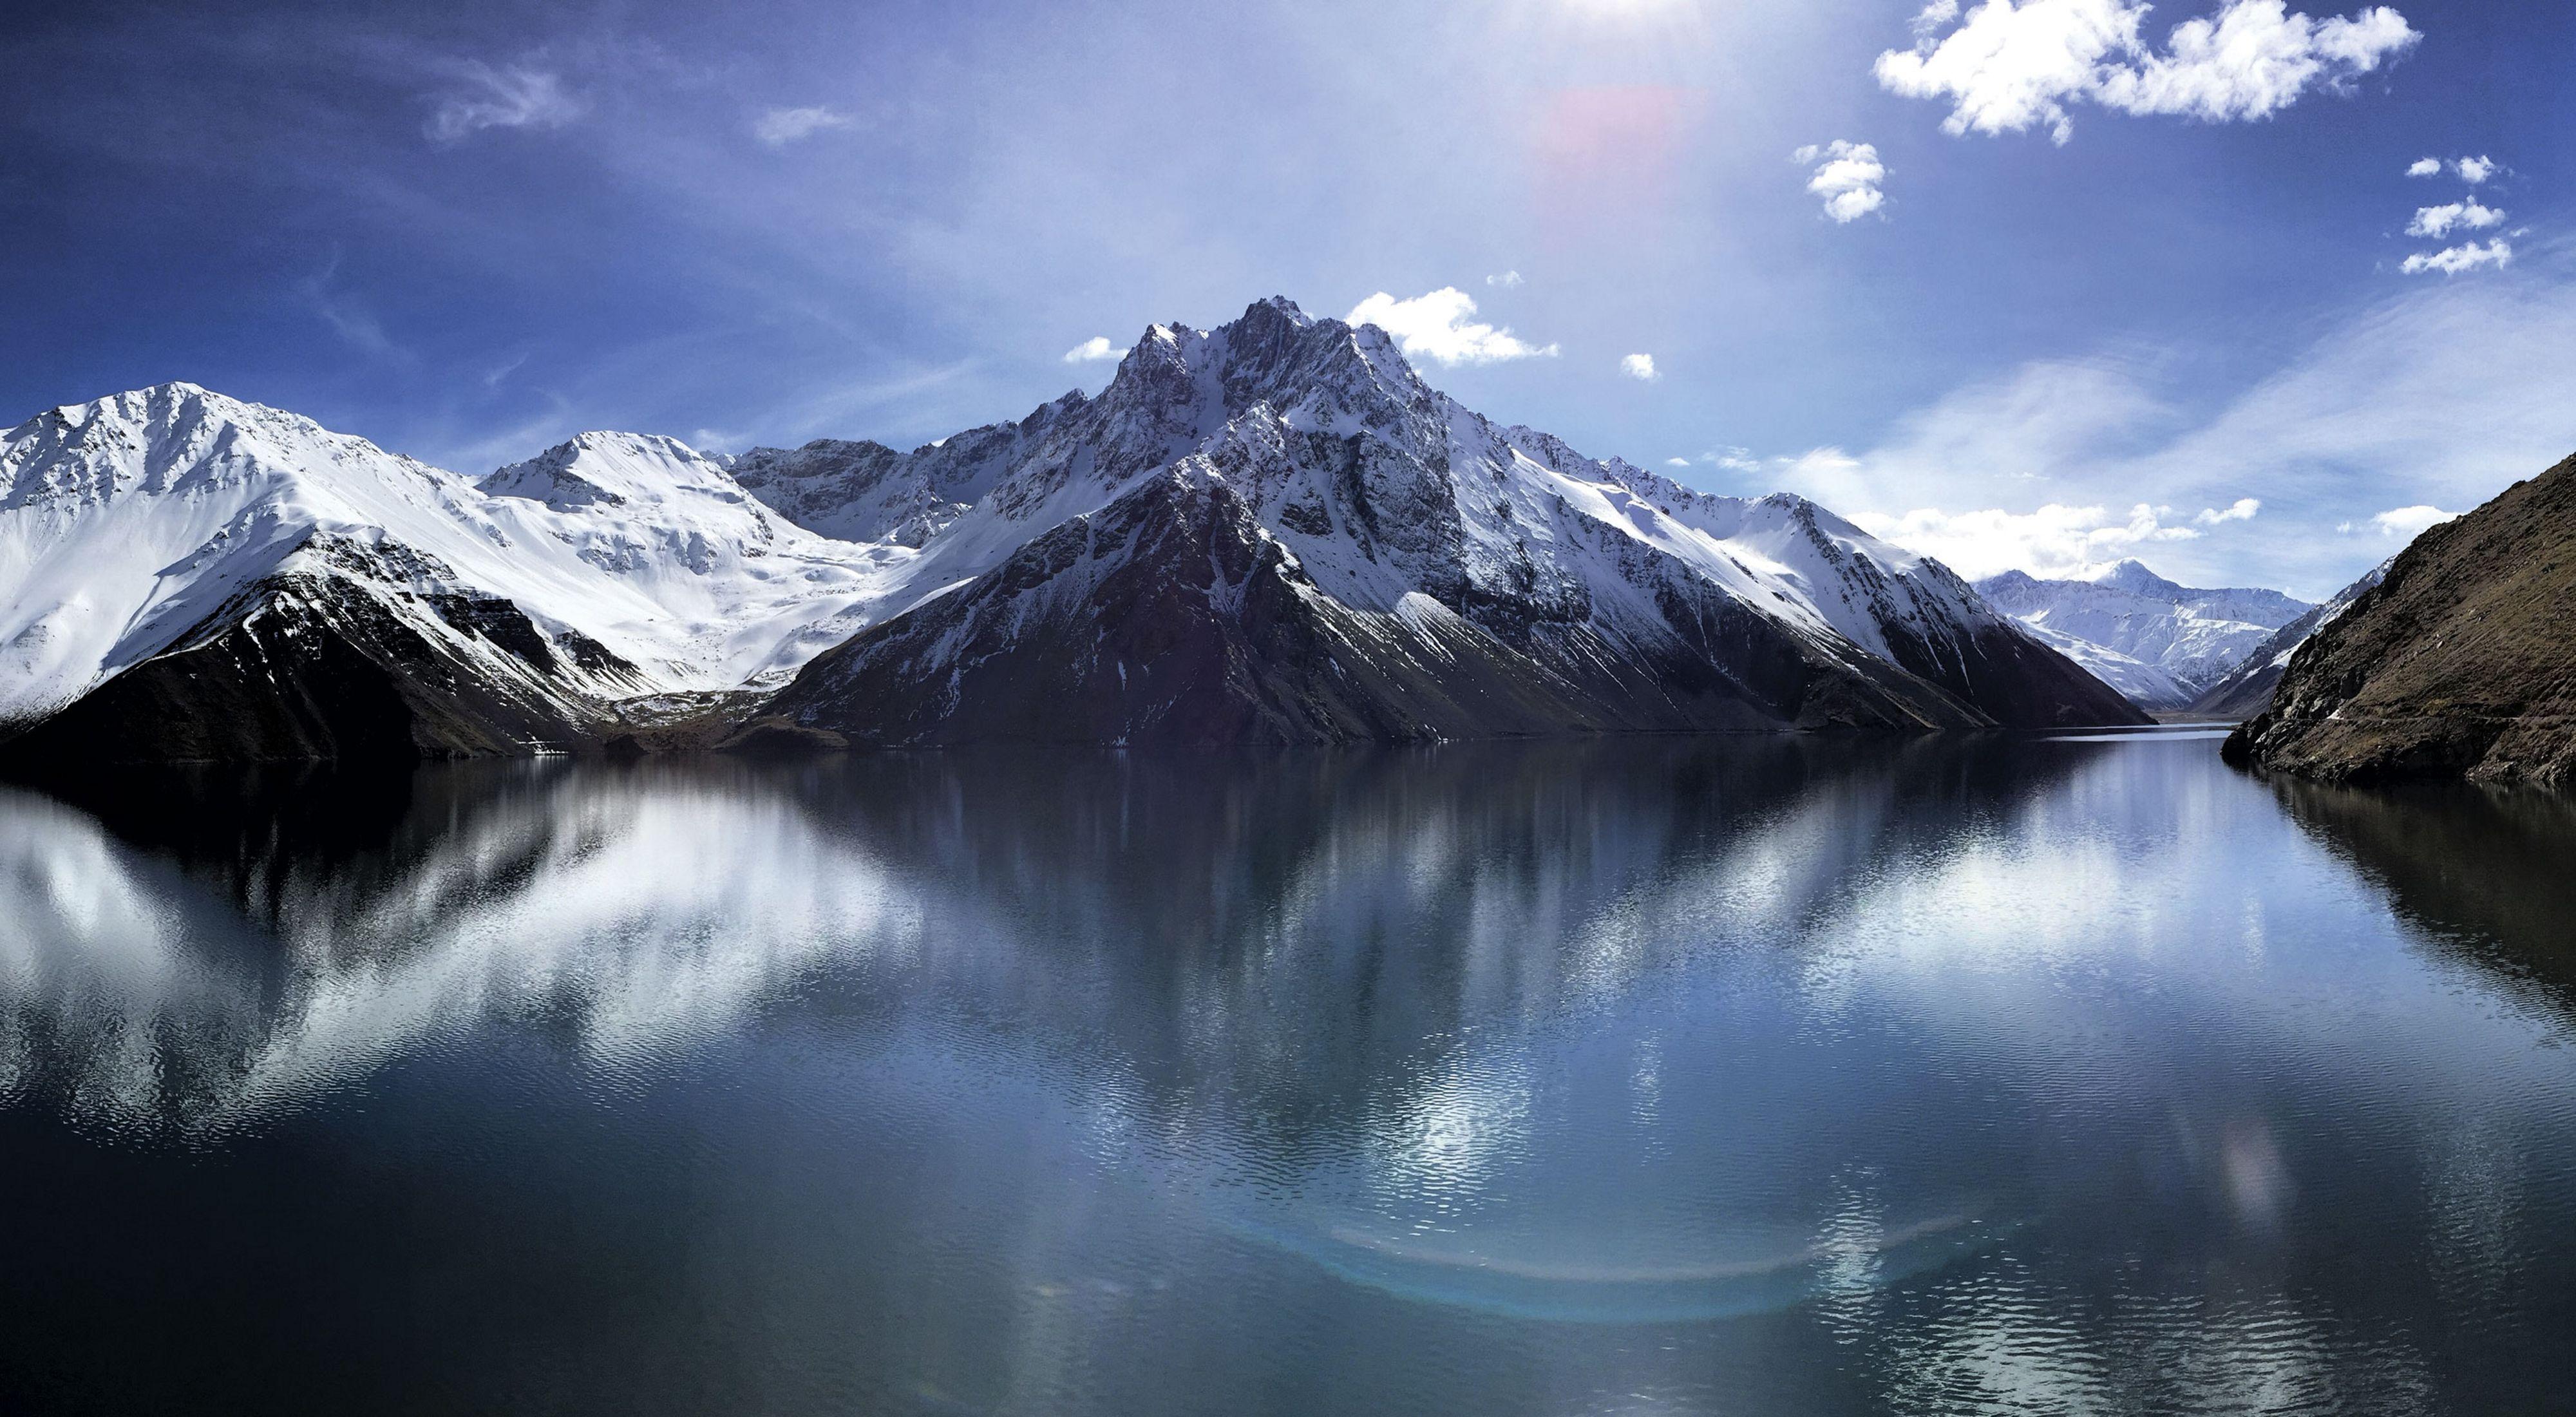 Rodeado por la cordillera de los Andes, el embalse del Yeso forma parte de la cuenca del Maipo, que abastece de agua a 7 millones de personas en la ciudad de Santiago